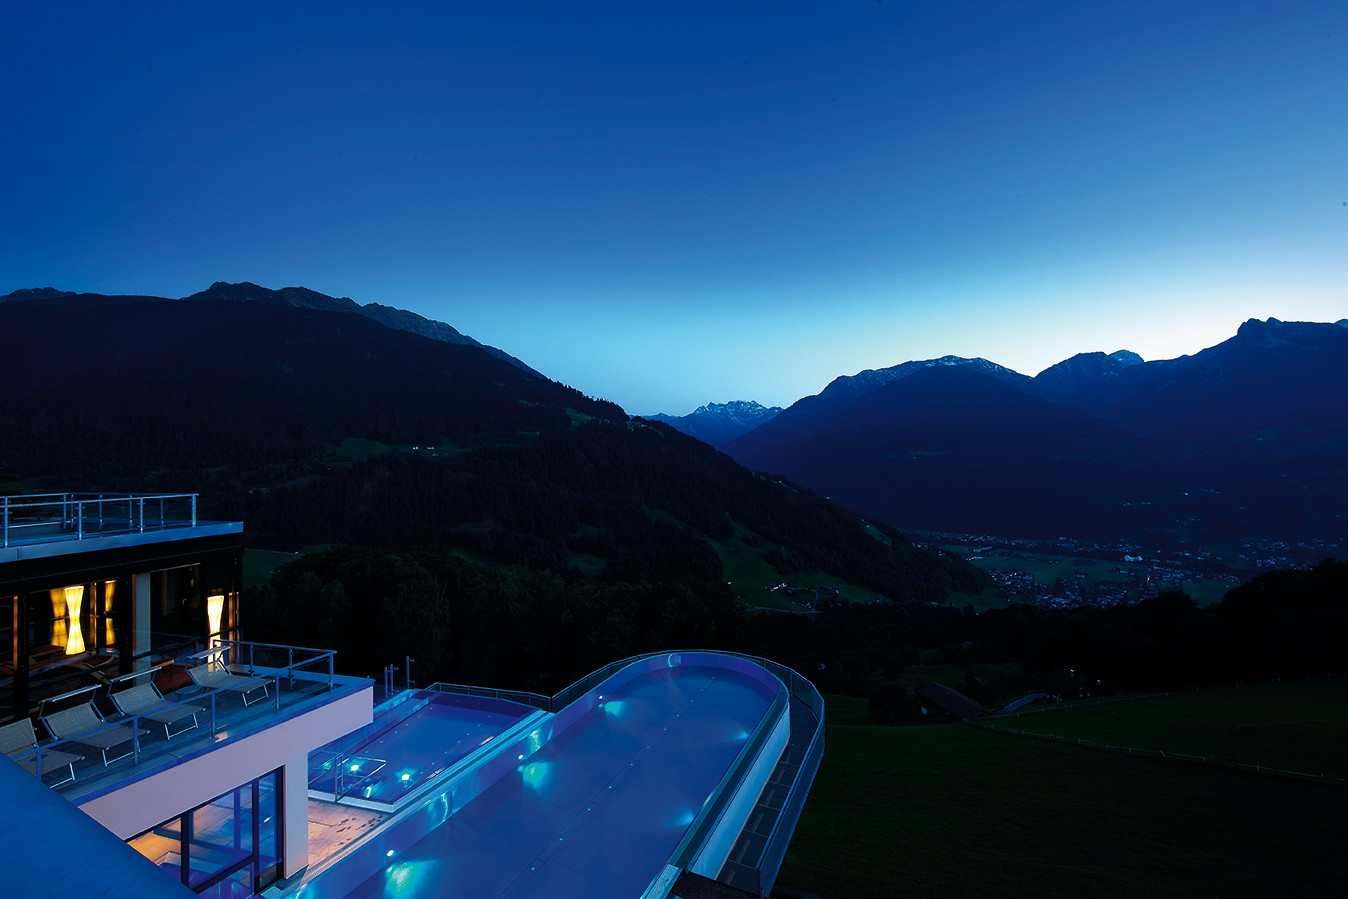 Das Hotel mit Außenbecken bei Nacht